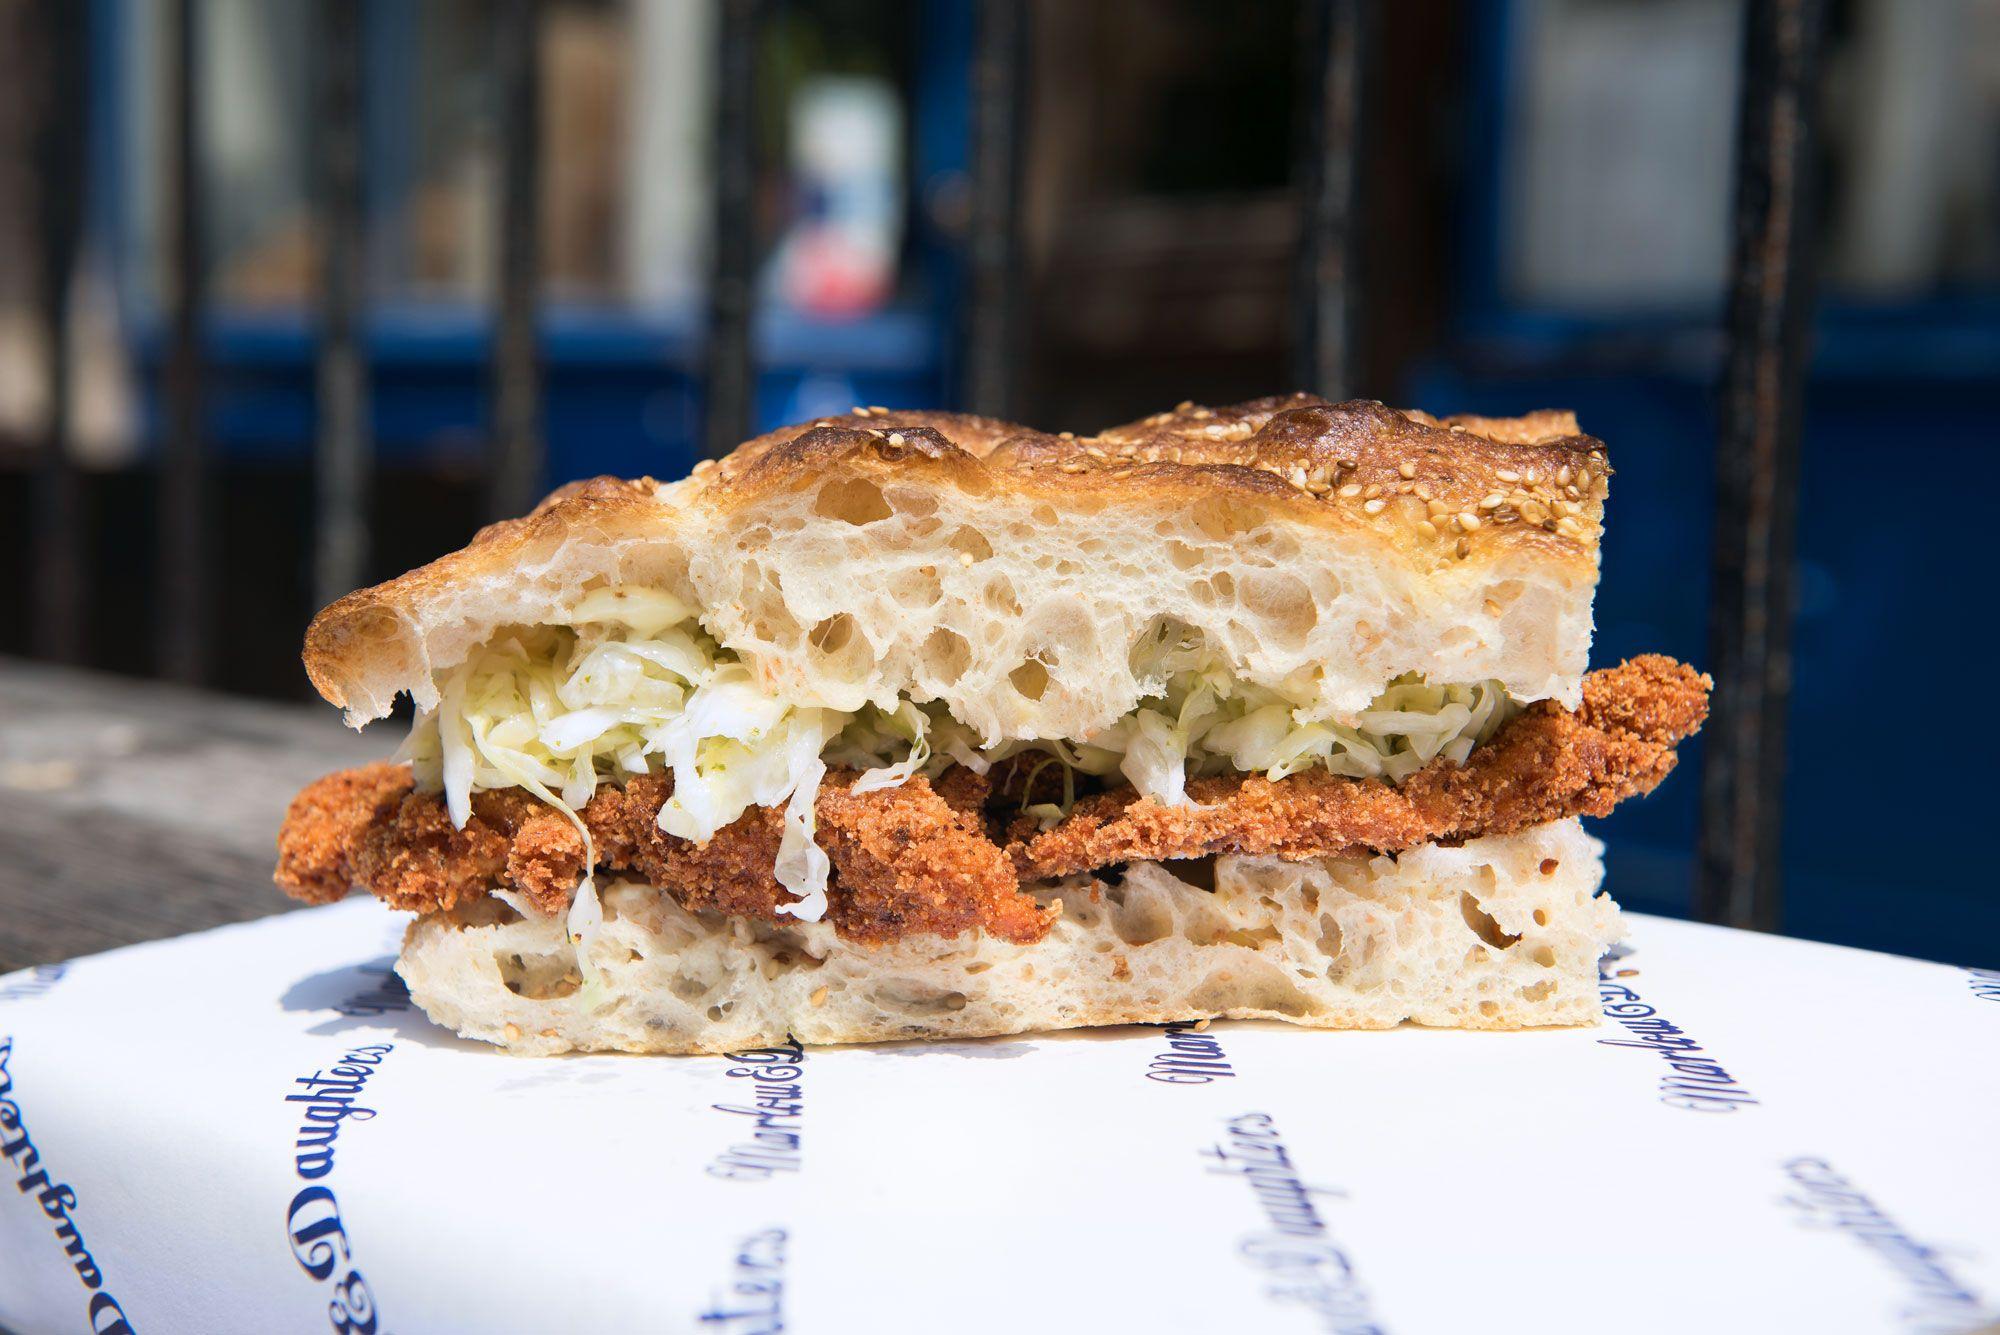 Taste Chicken Schnitzel Sandwich Chicken Schnitzel Sandwiches Recipes